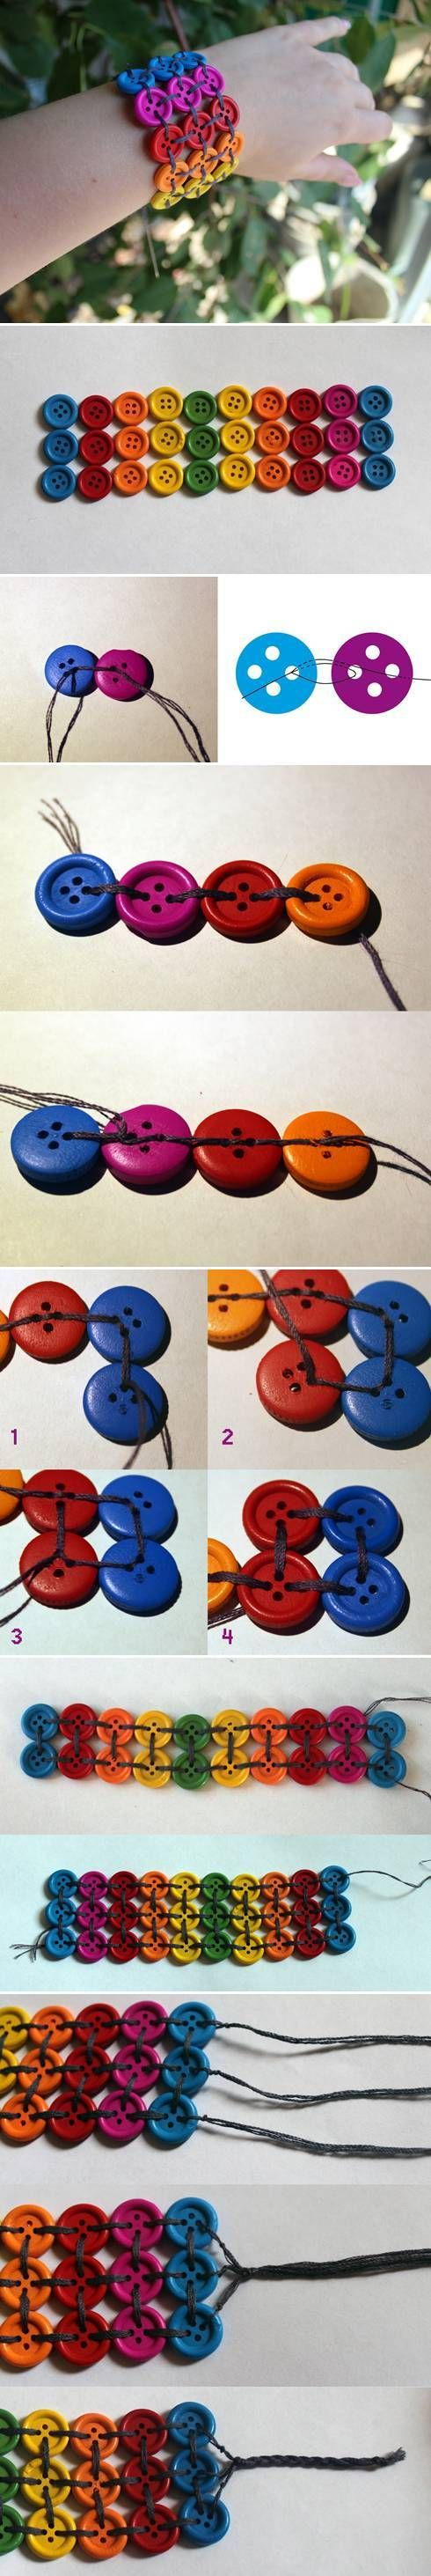 Boutons larges bricolage Bracelet projets de bricolage | UsefulDIY.com